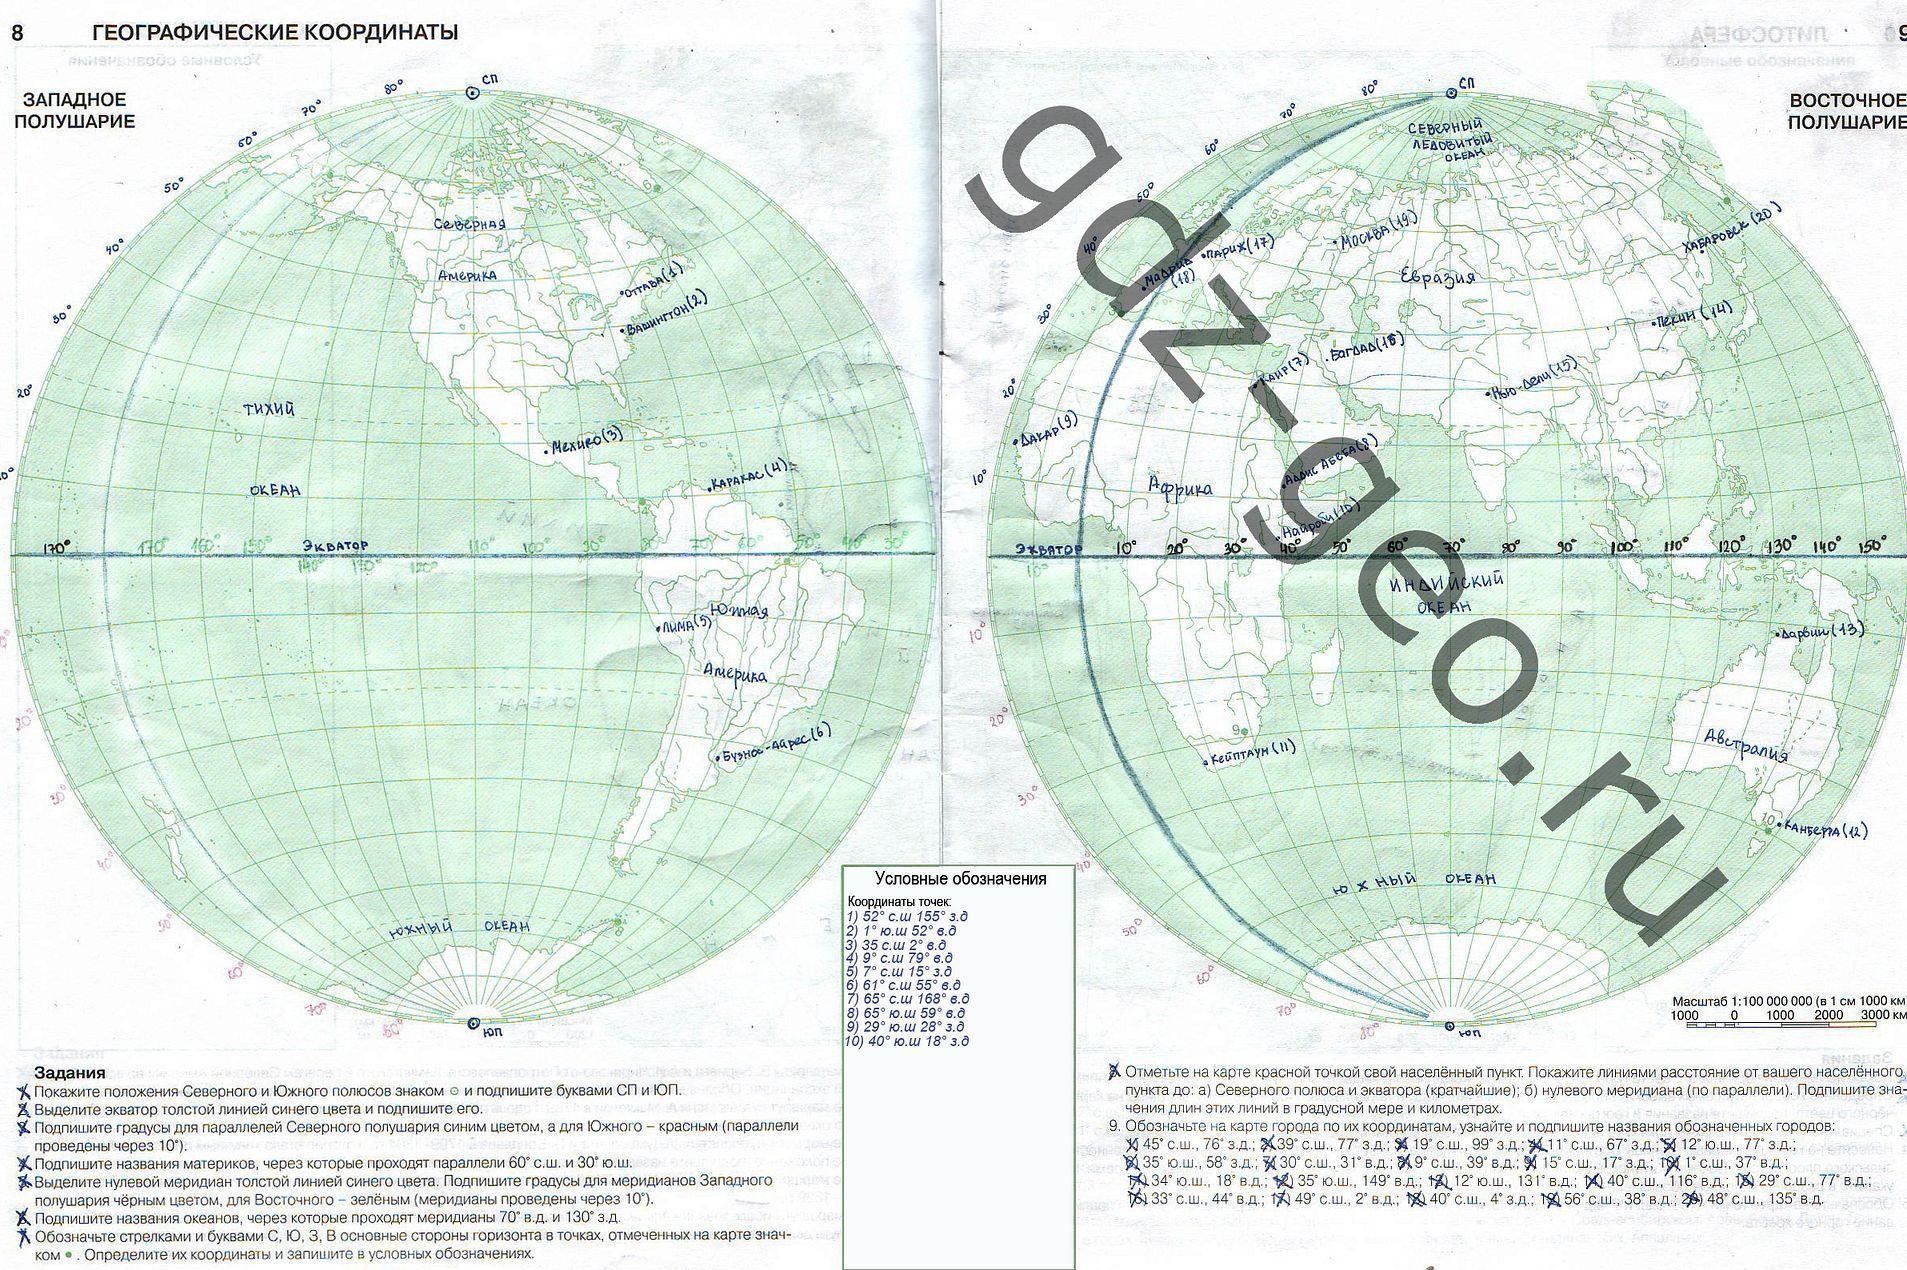 Контурная карта по географии аст-пресс школа 6 класс скачать бесплатно и без регистрации